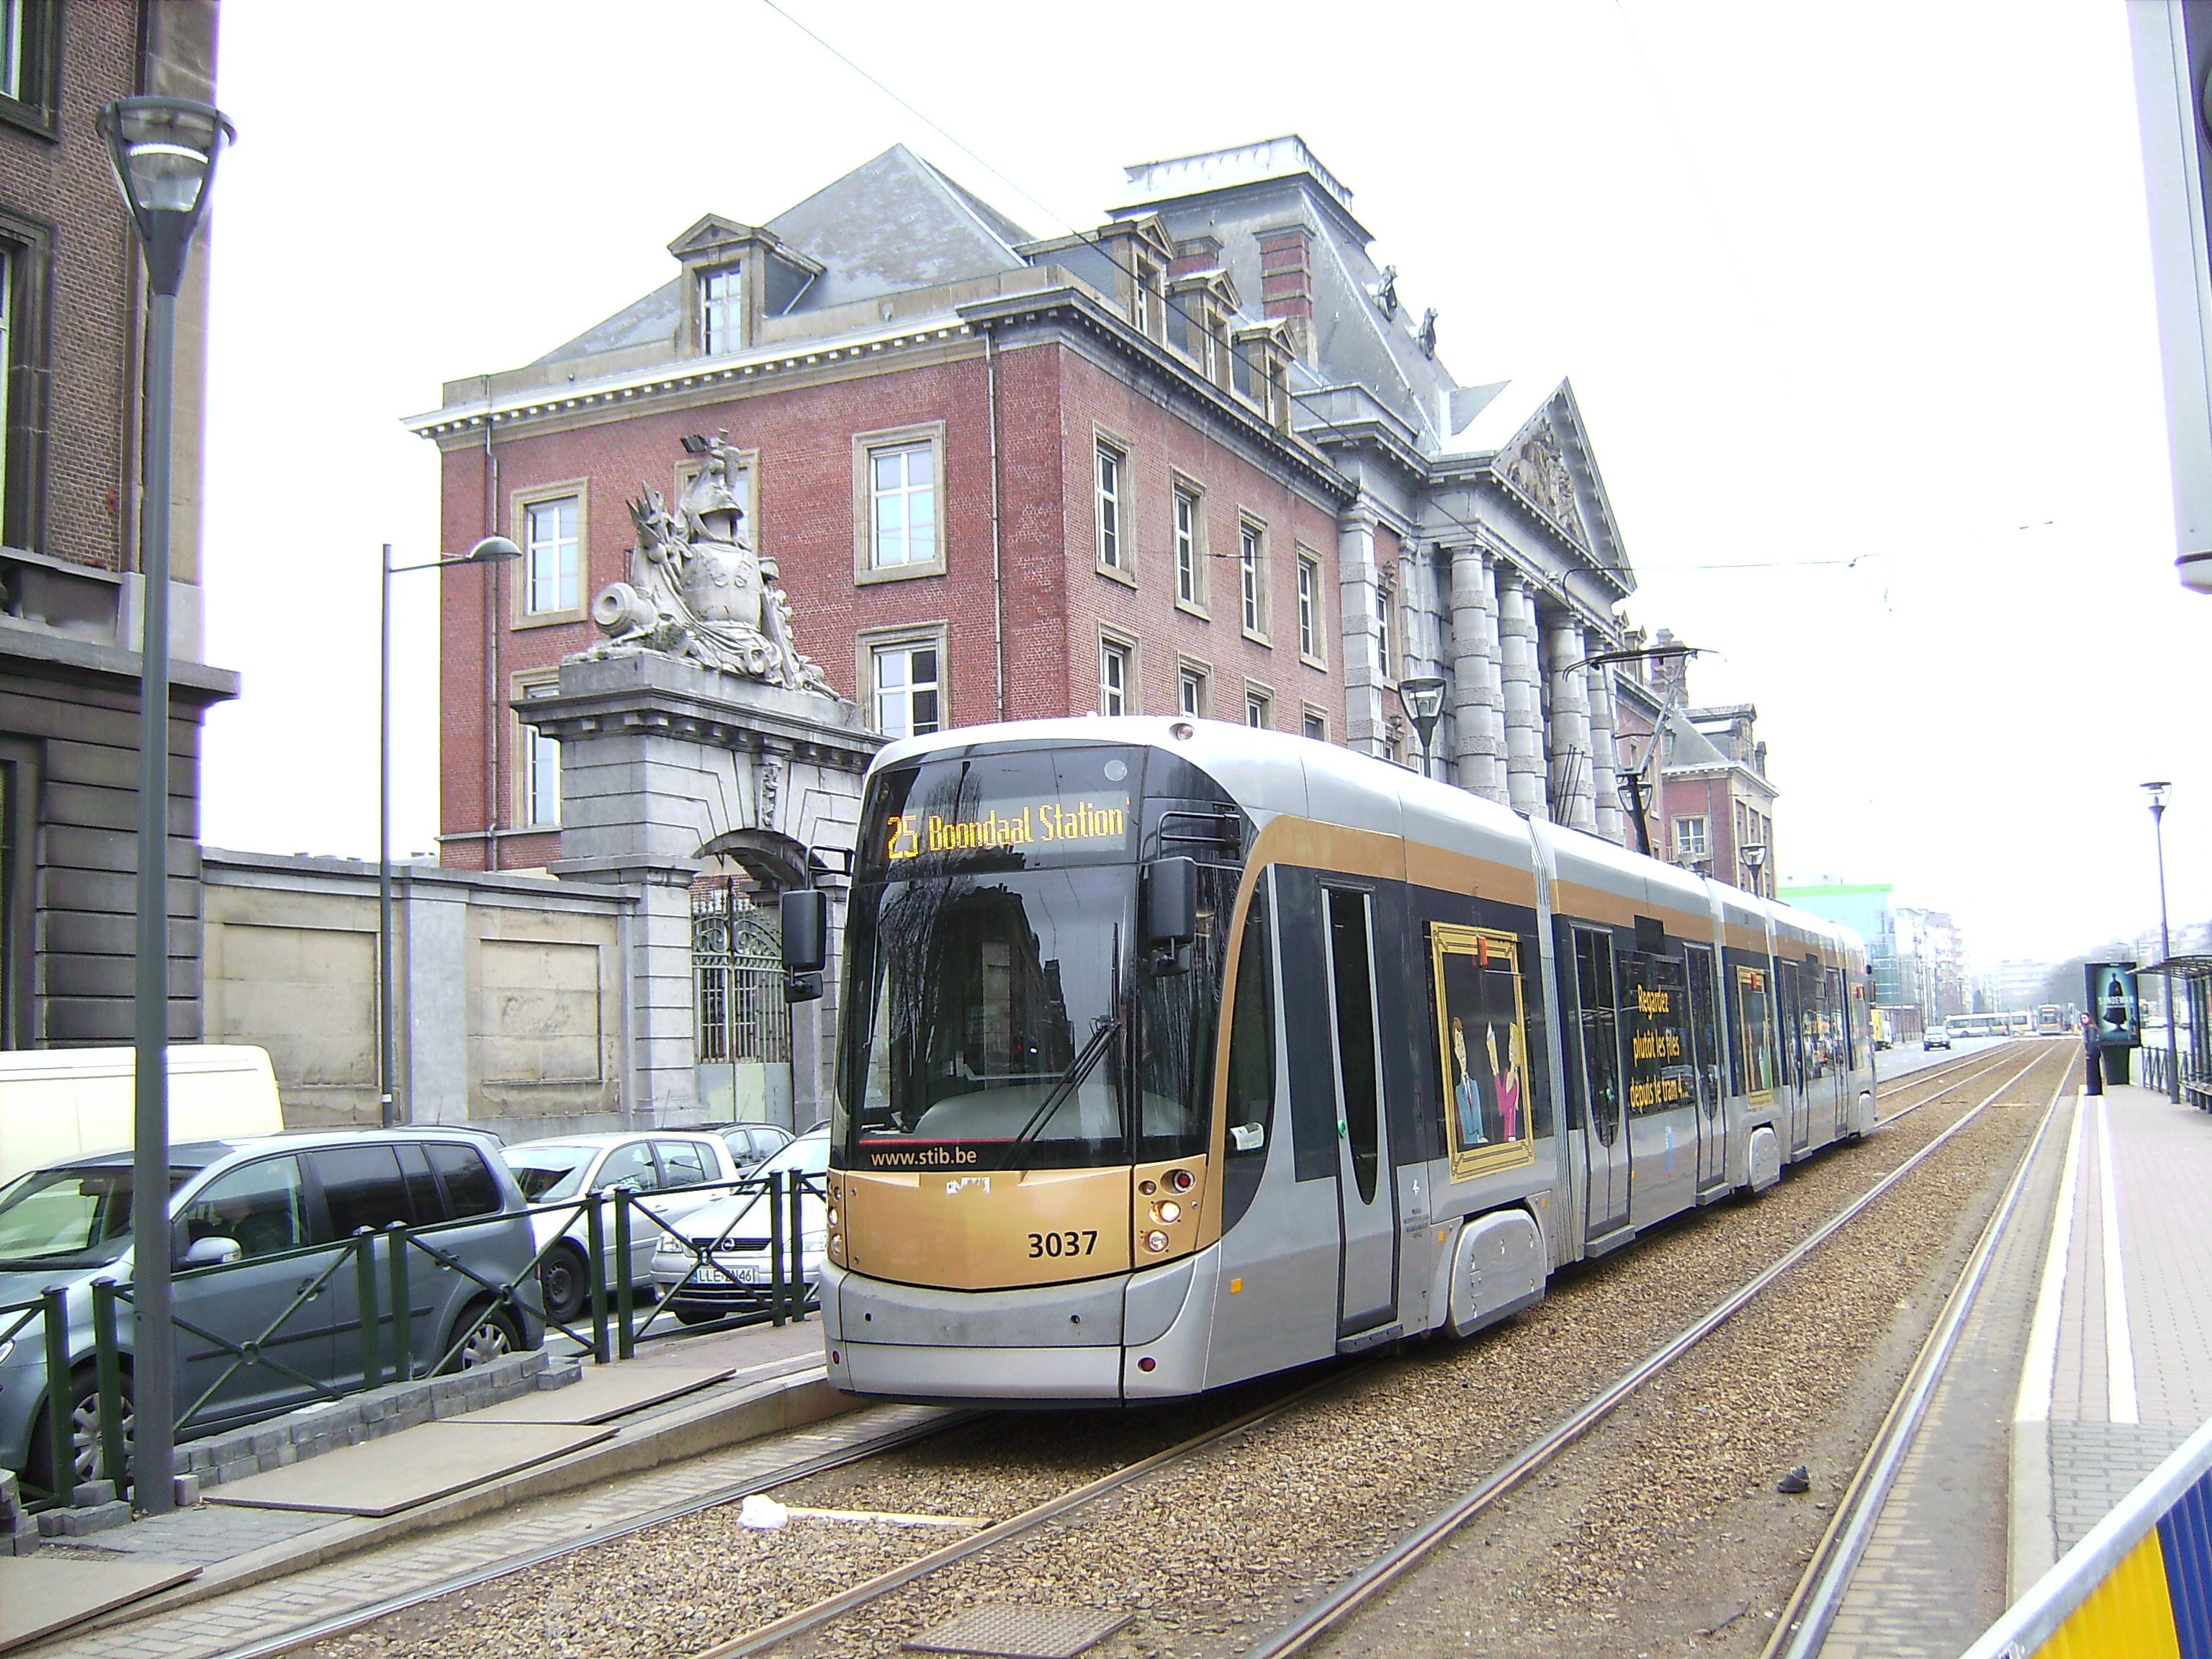 Brussel_tram_3037.jpg